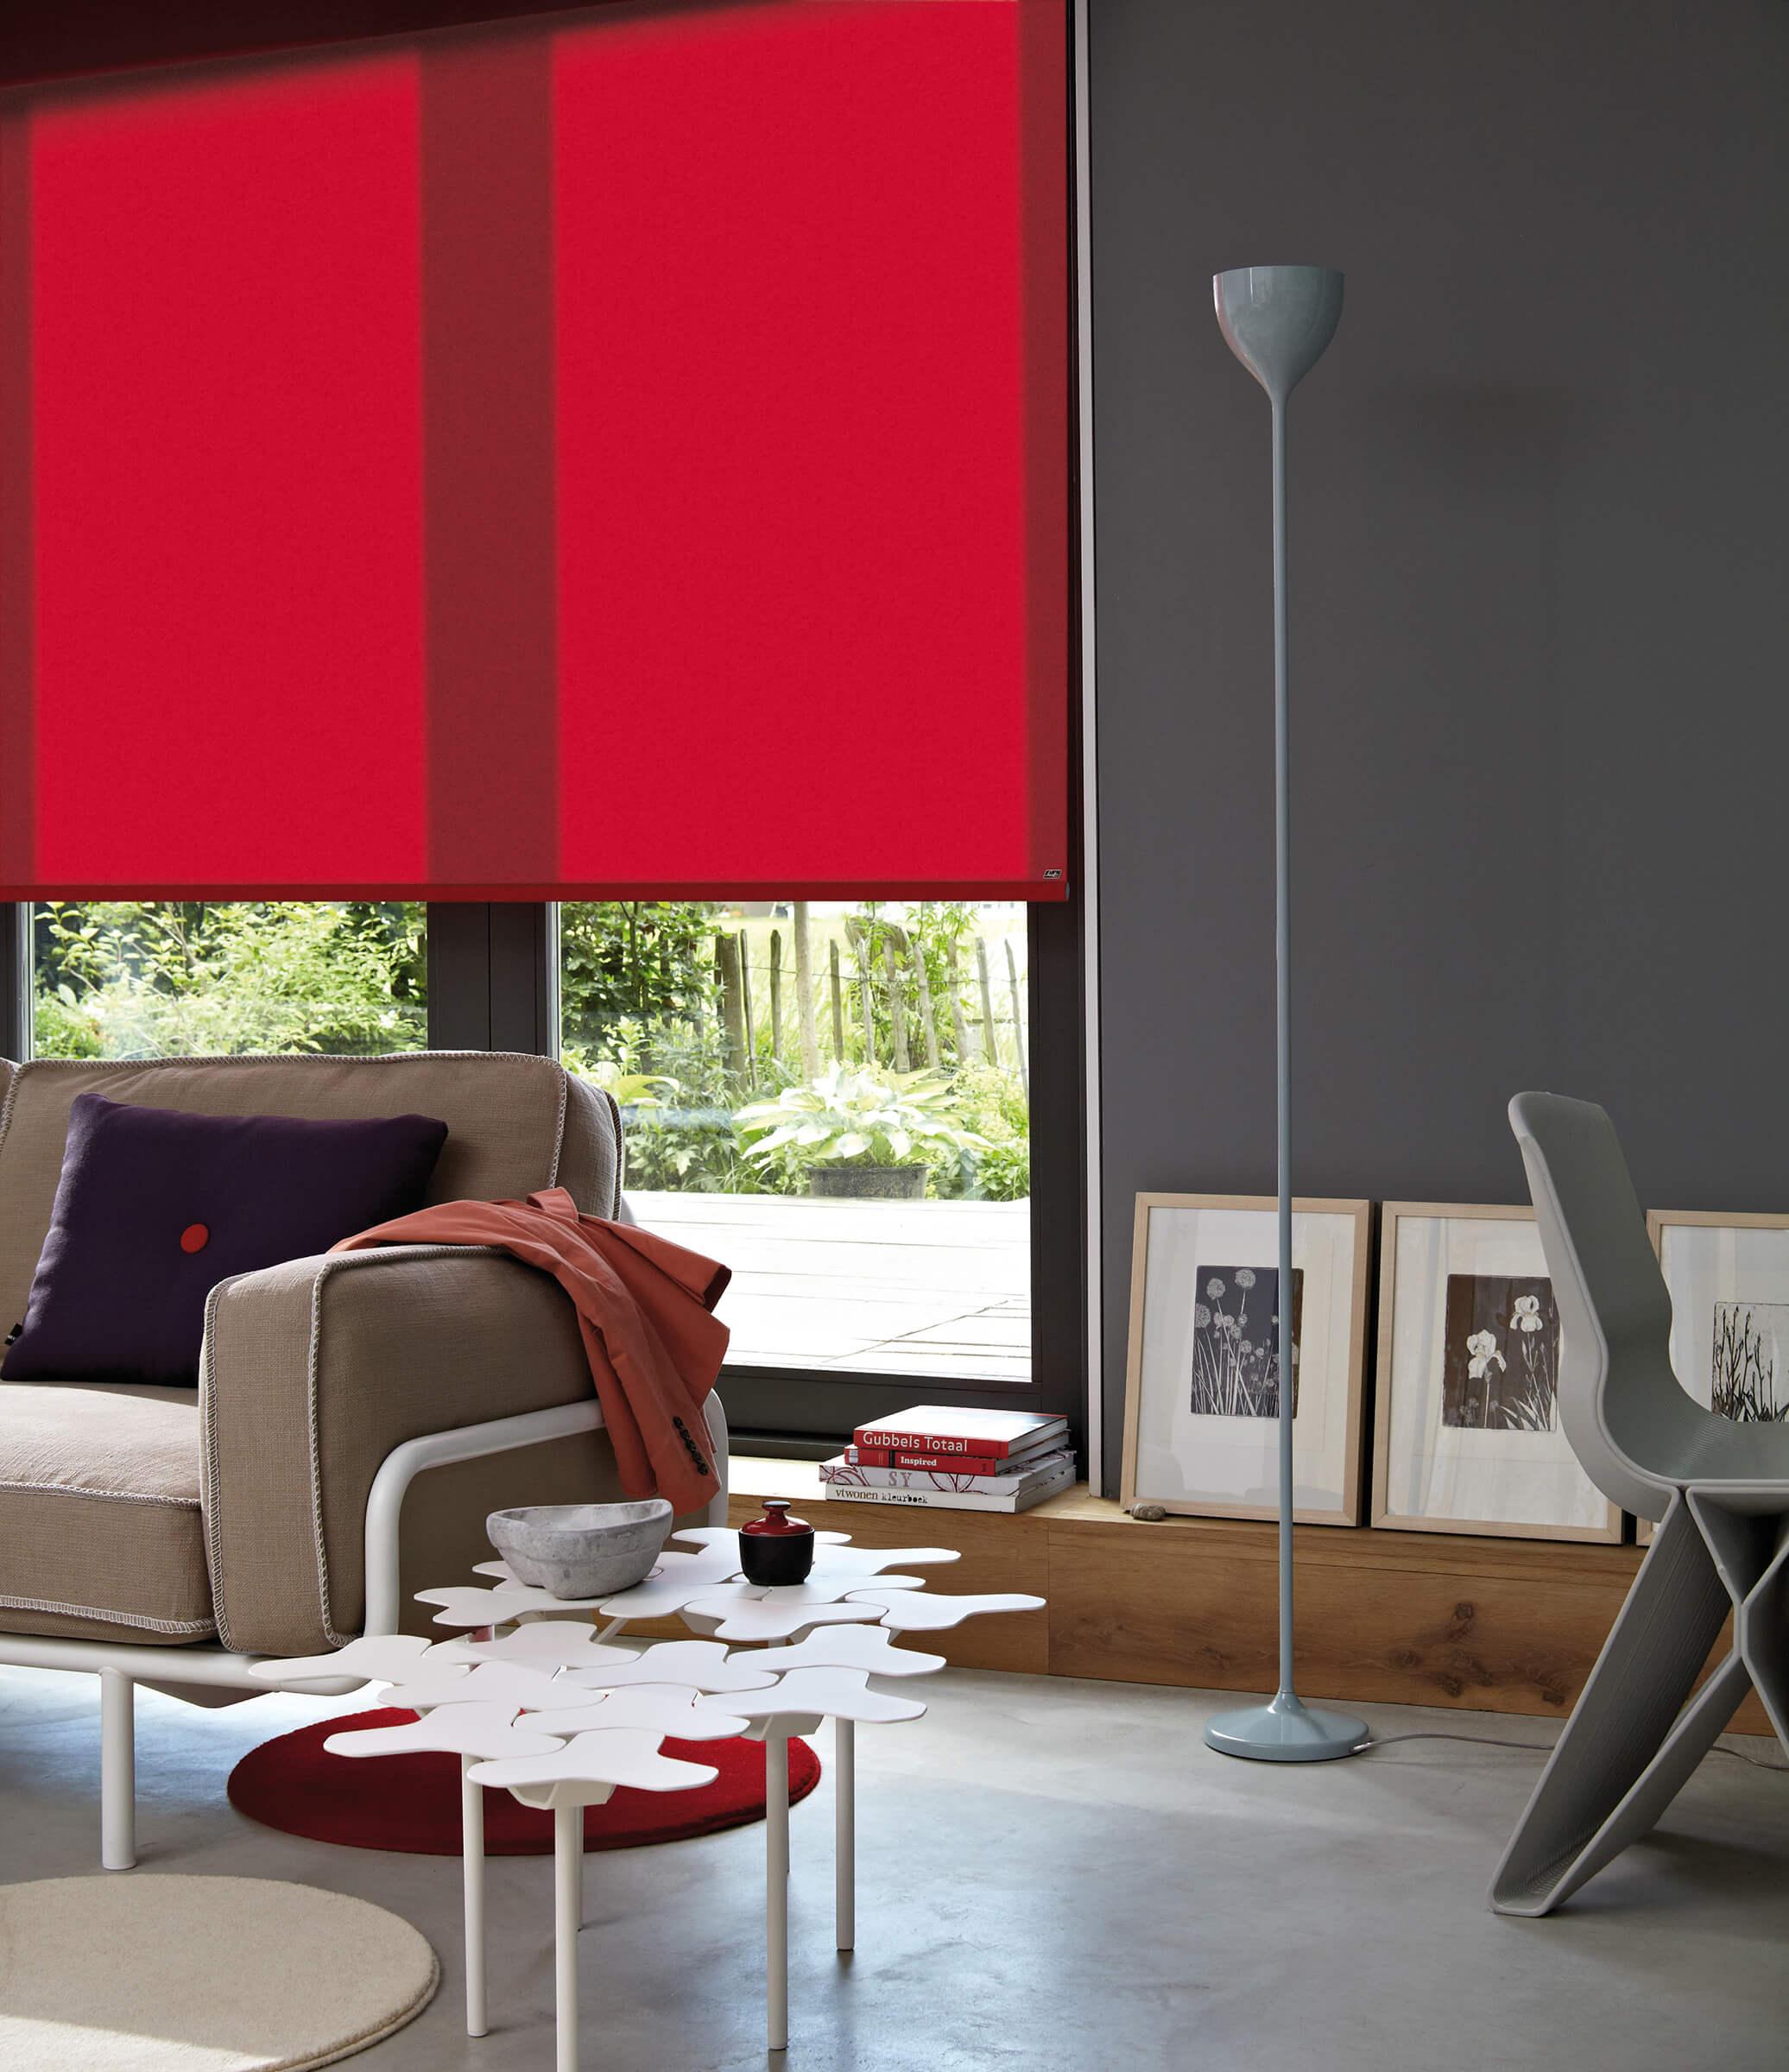 Rotes Luxaflex Rollo im Wohnzimmer